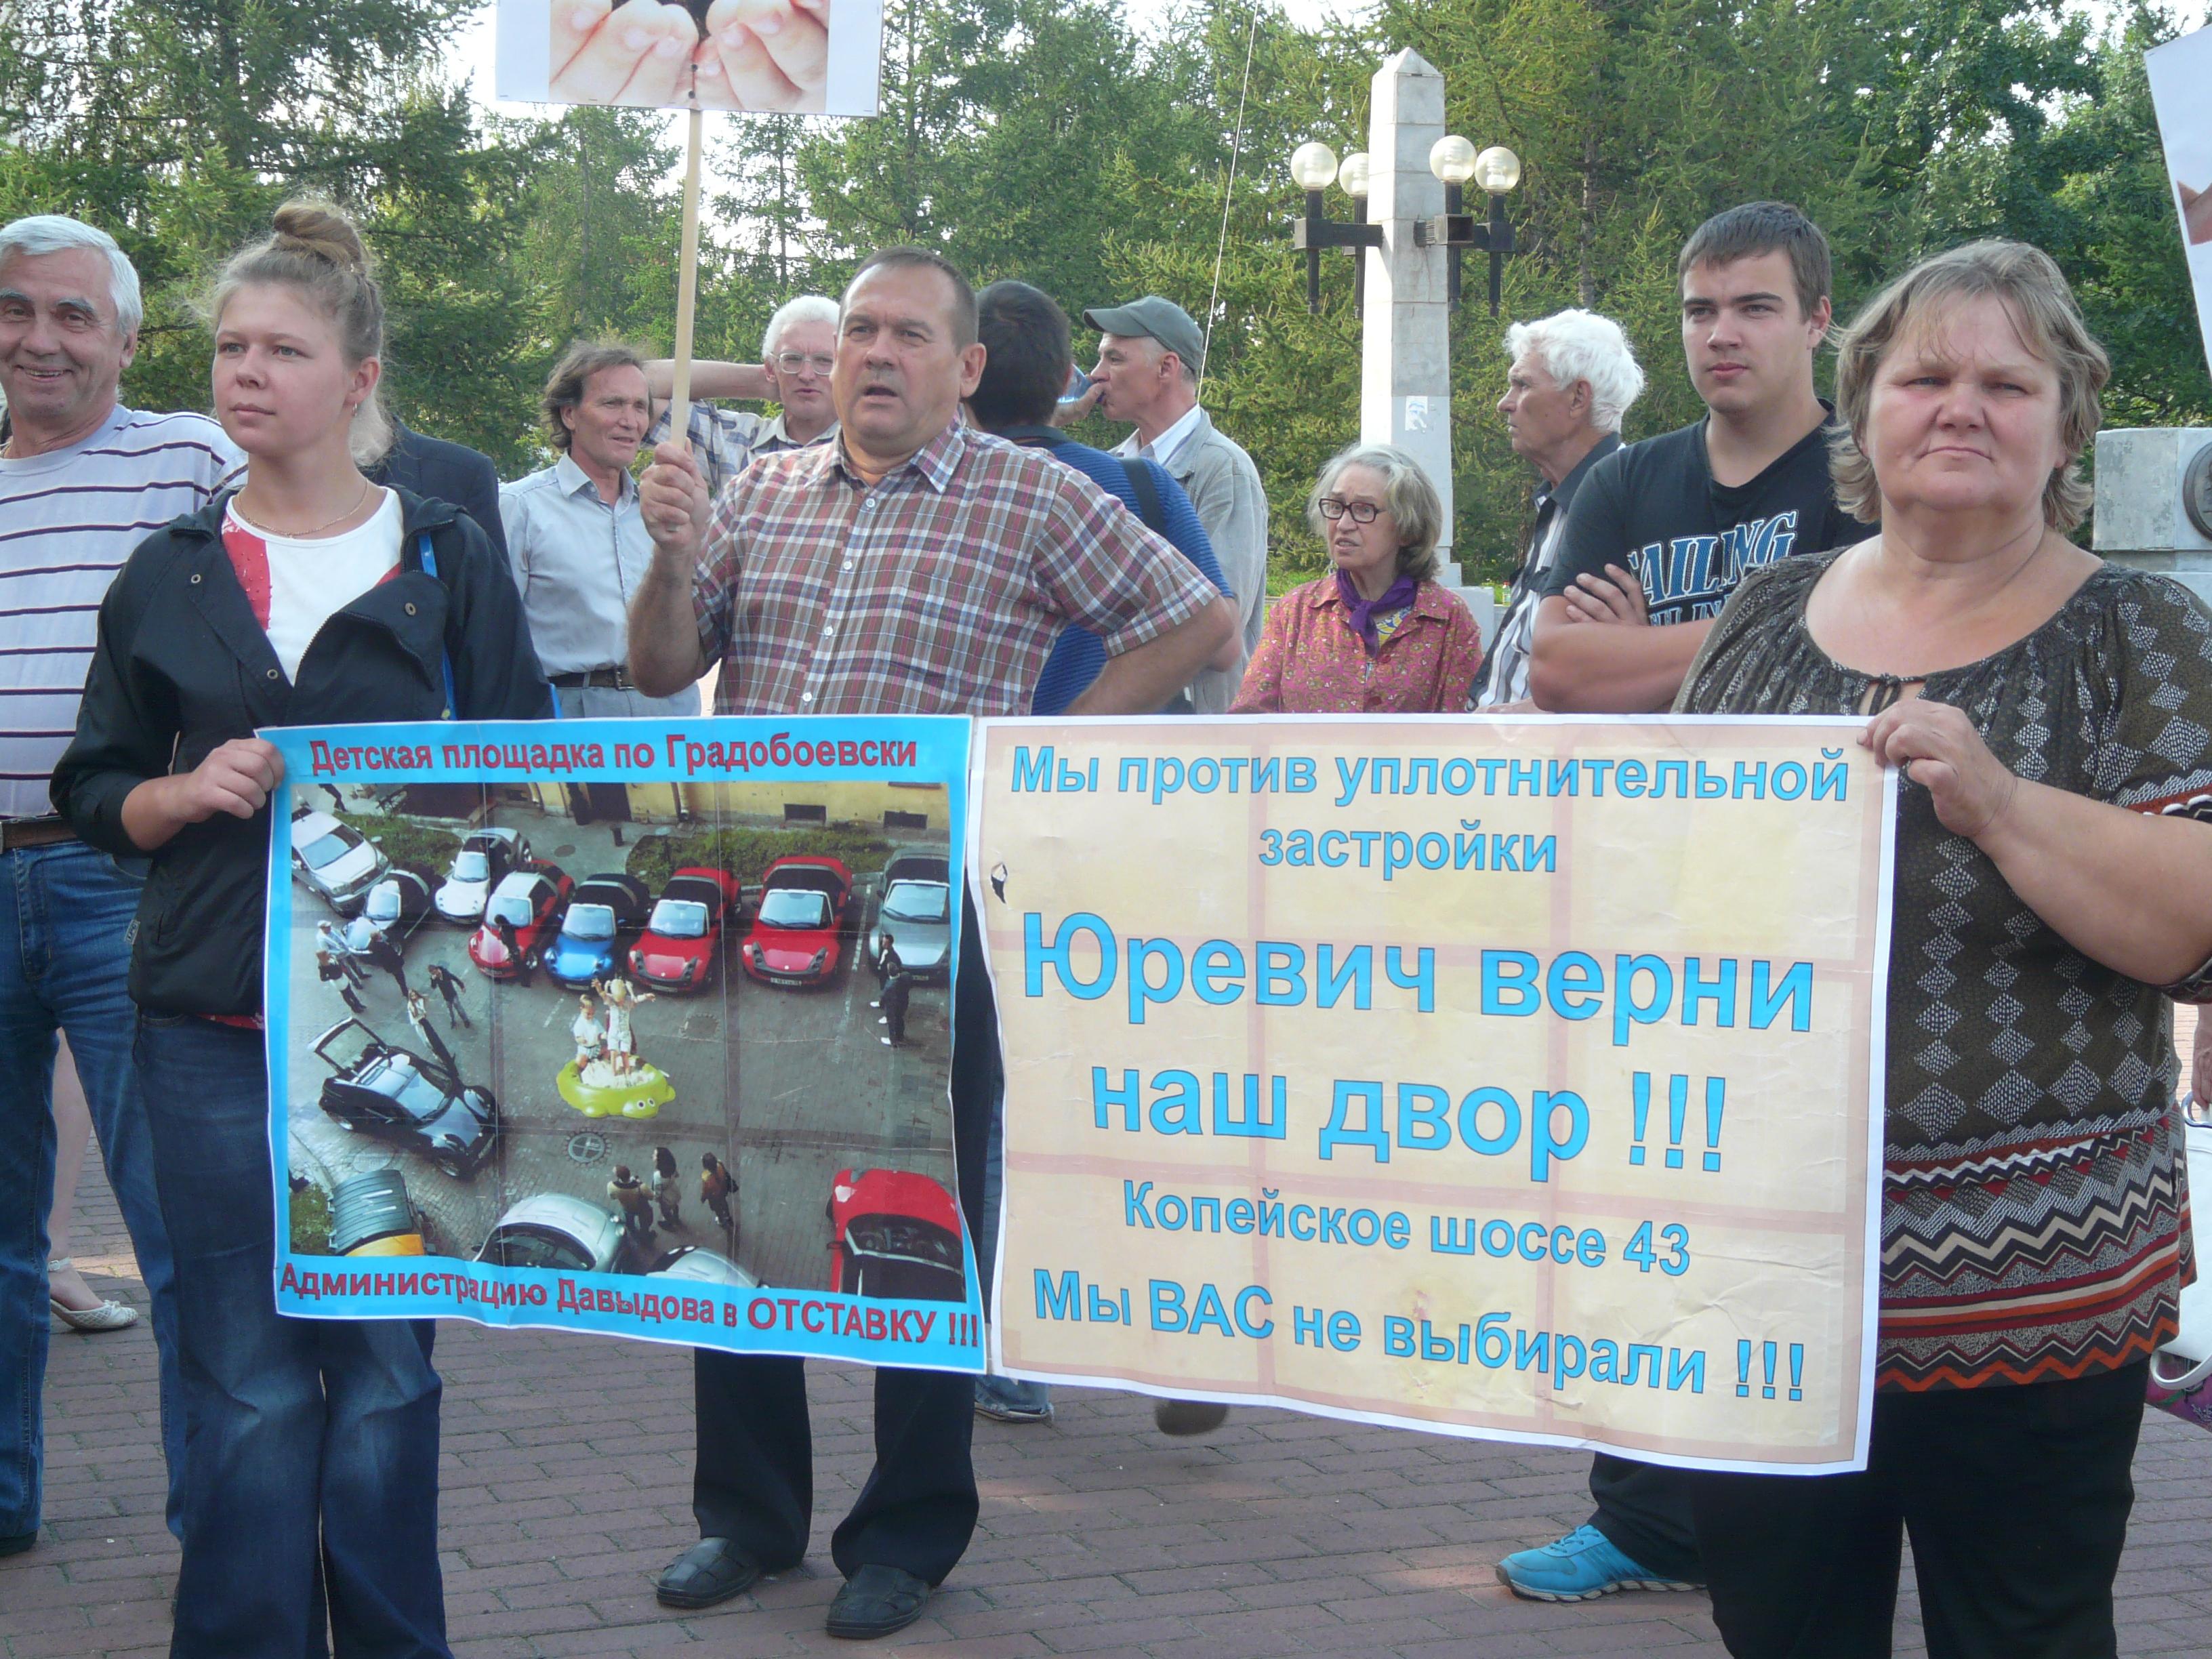 уплотнительная застройка пикет Челябинск